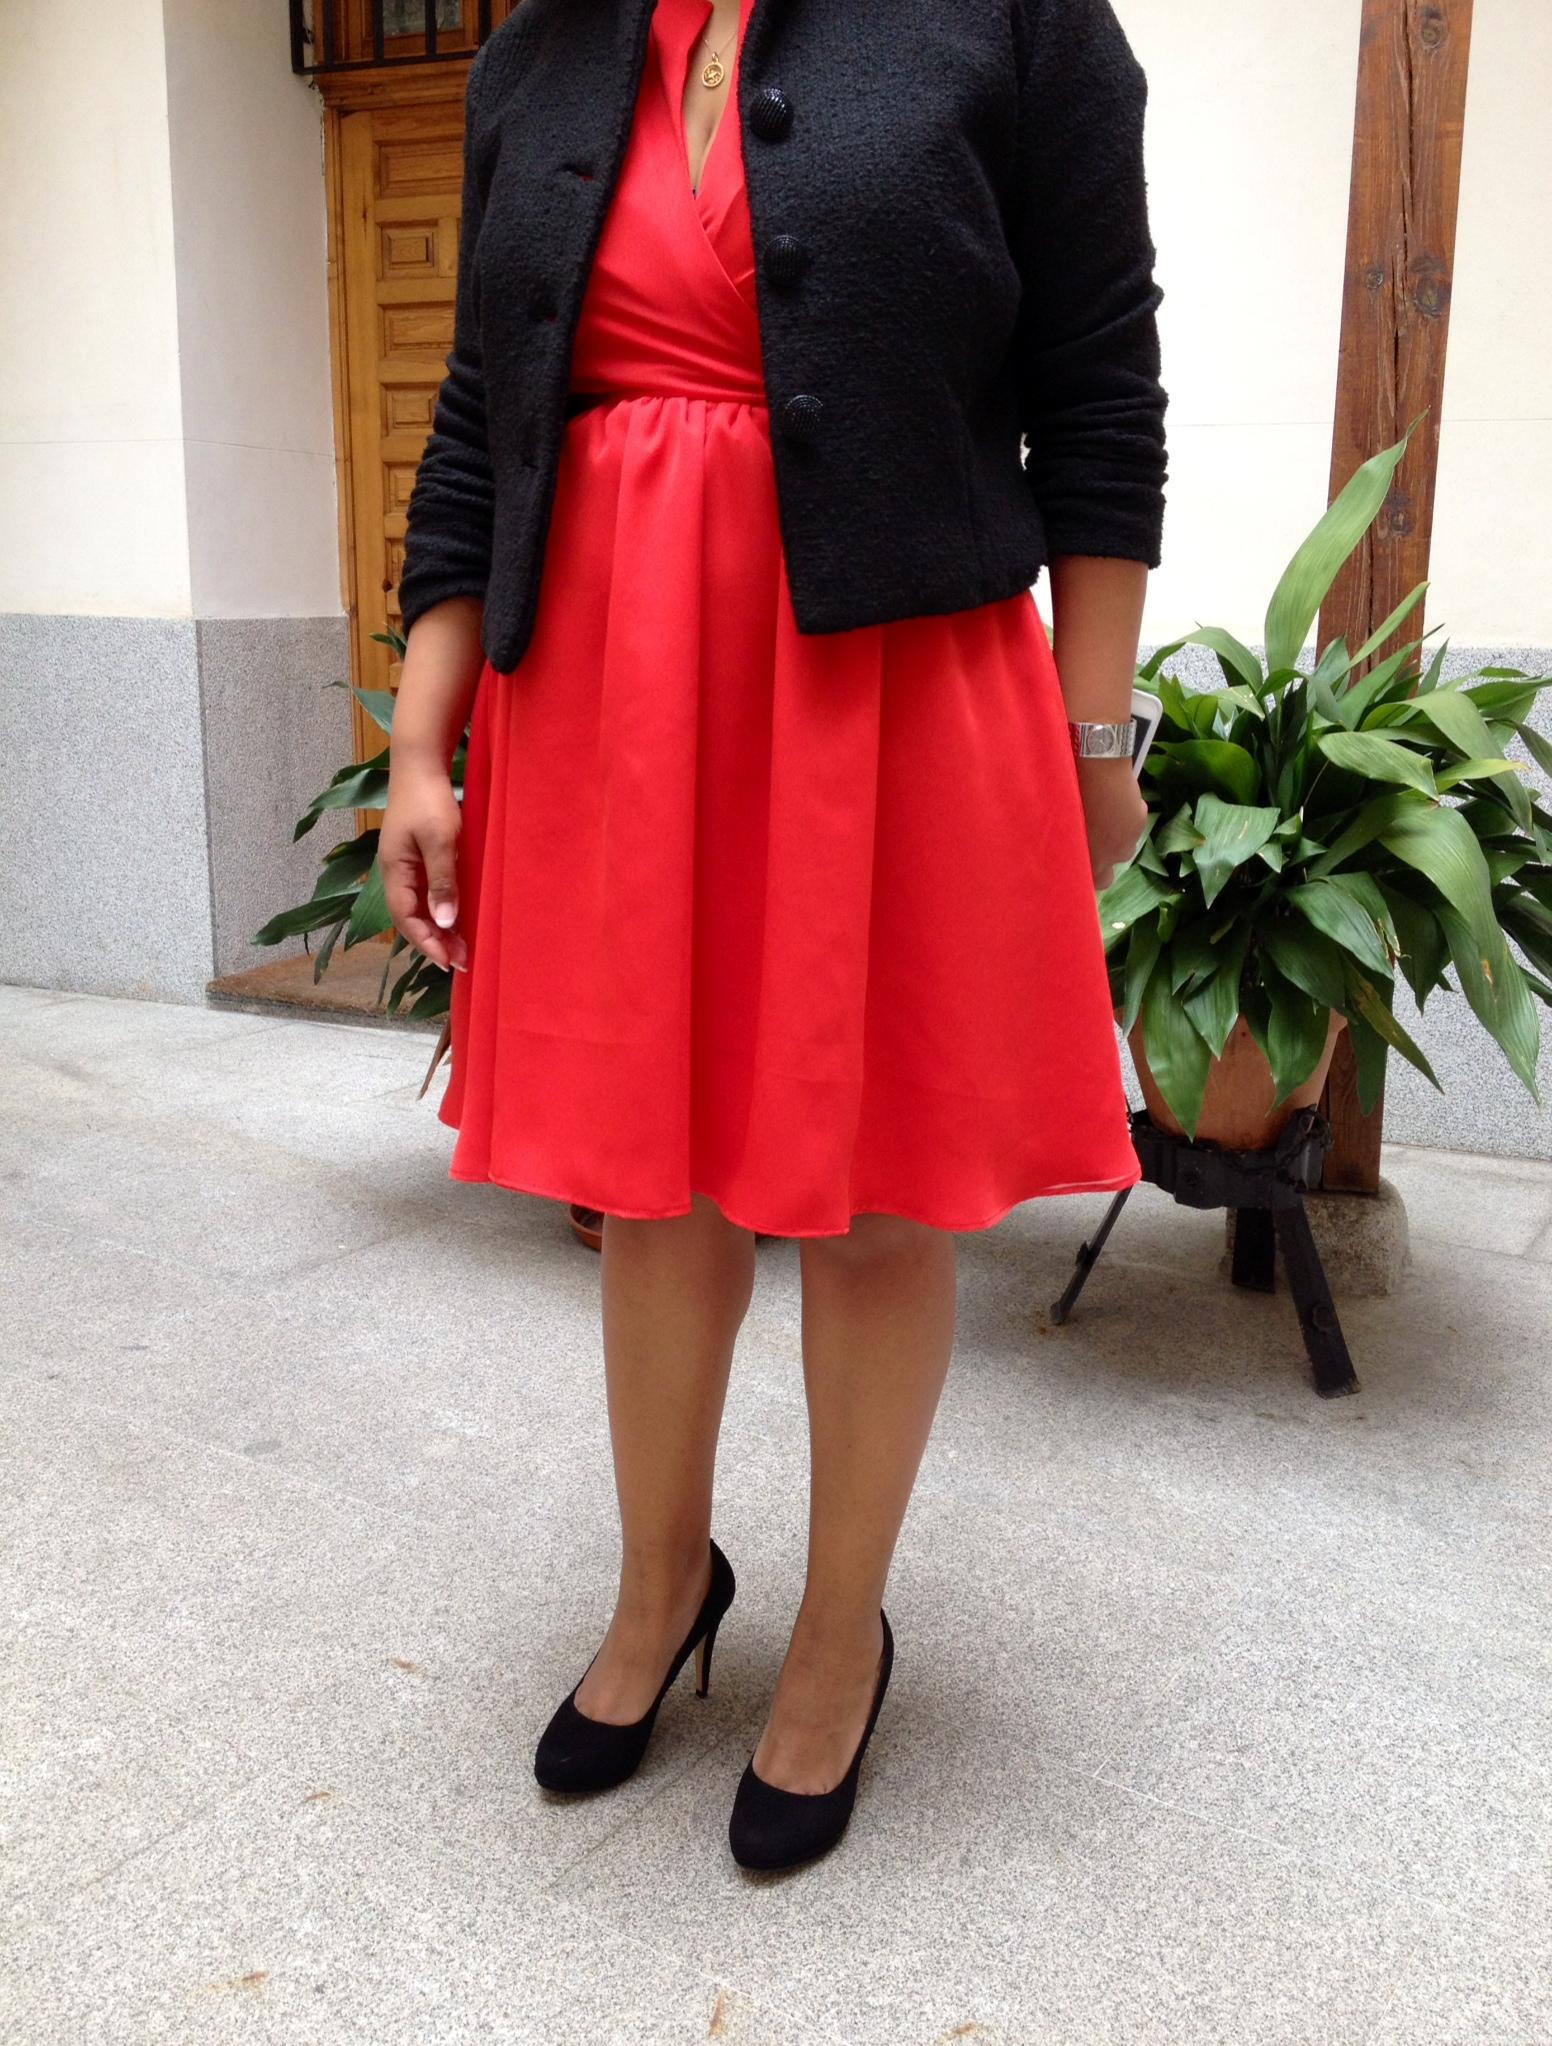 Vestido Y Chaqueta Para Bautizo Dresses2kill